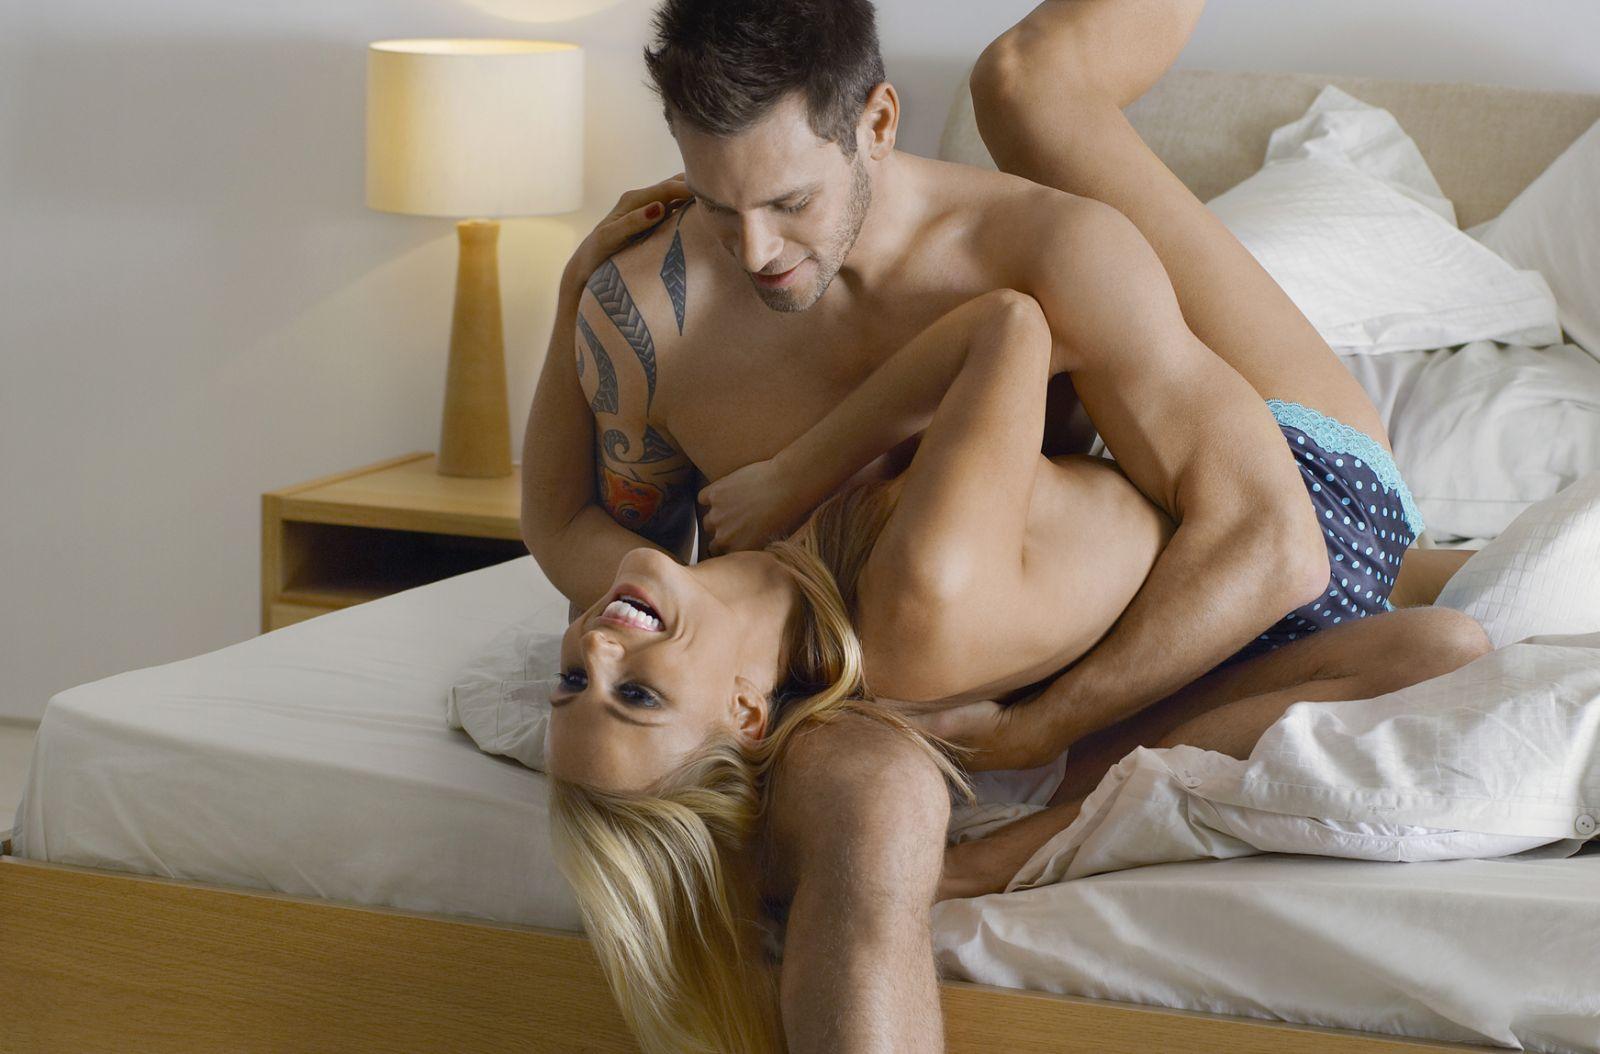 Простые но интересные позы в сексе фото 4 фотография